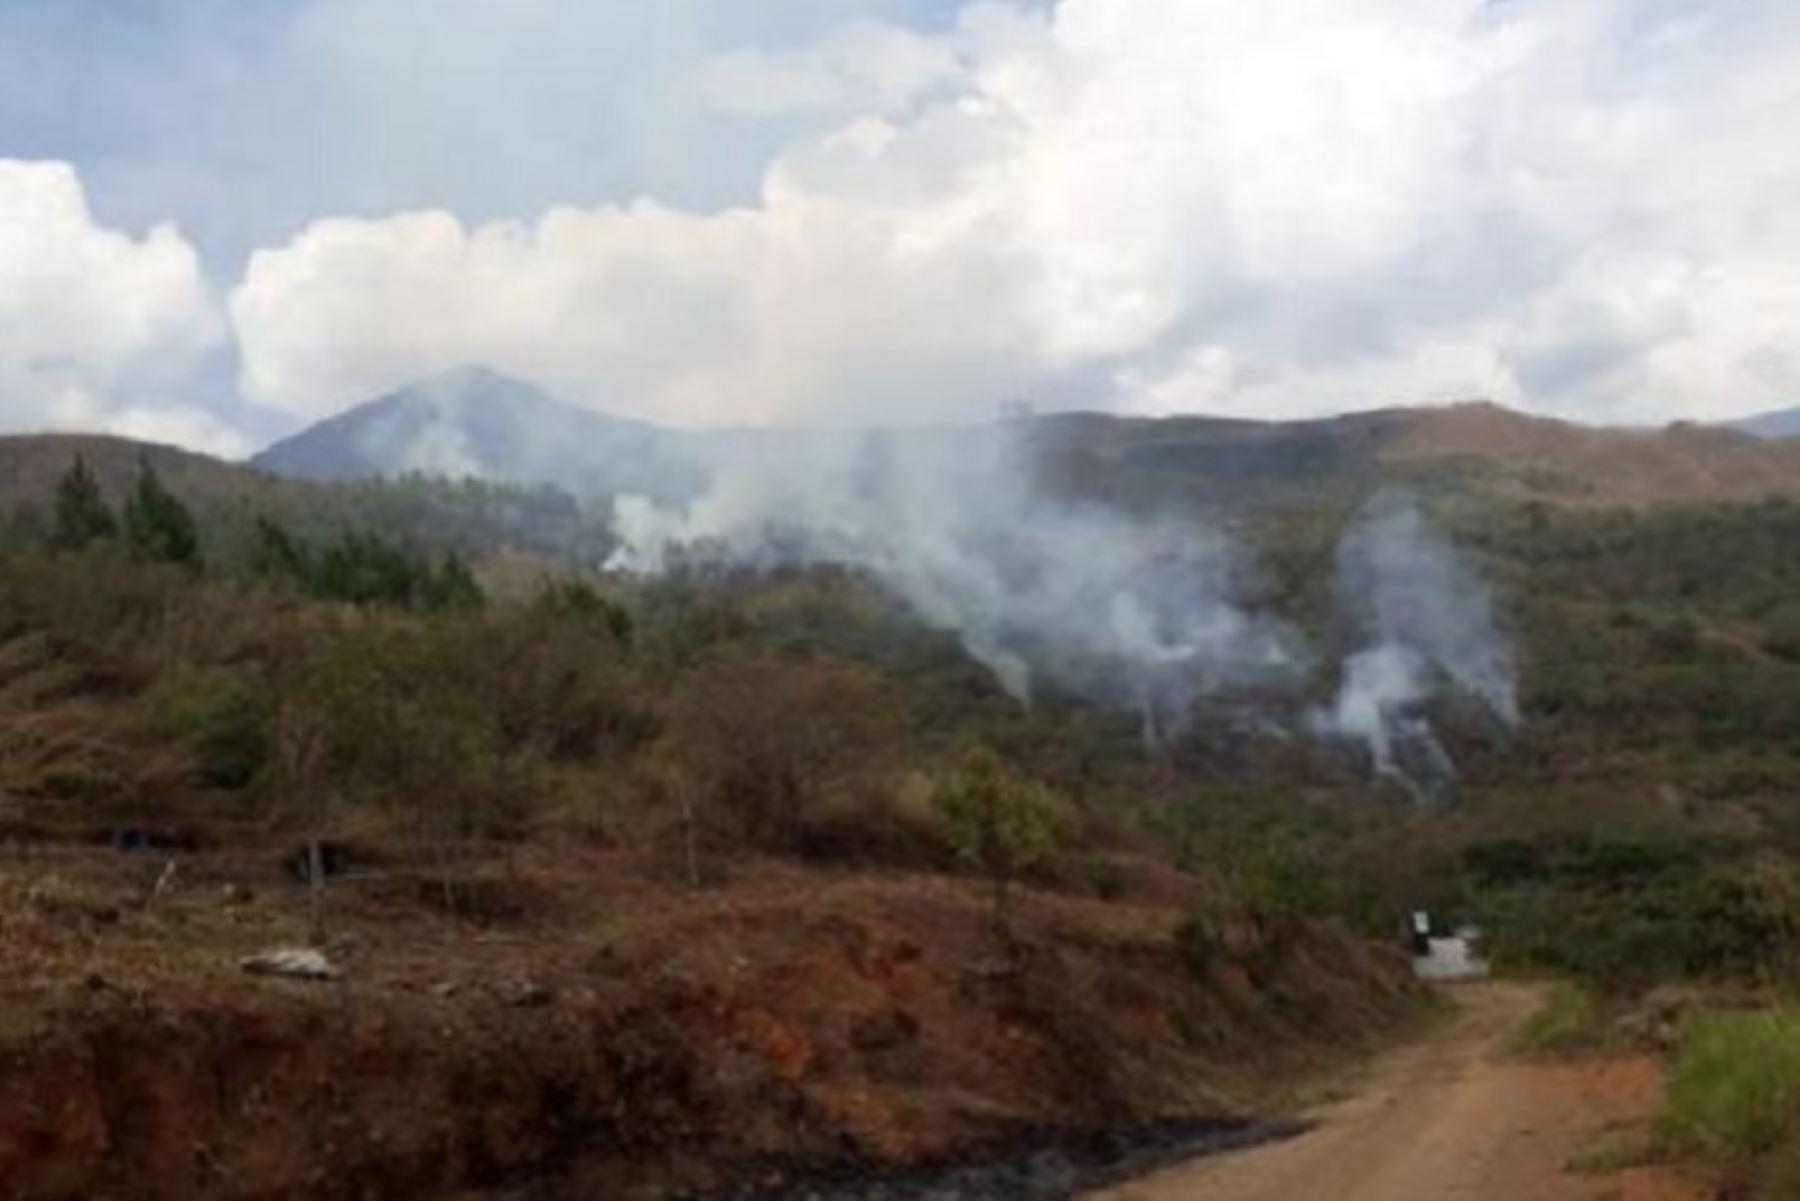 Personal del Cuerpo General de Bomberos de la provincia de La Convención, en la región Cusco, con apoyo de la Policía Nacional y del Ejército, extinguieron en su totalidad el incendio forestal que se registró en el distrito de Santa Ana la tarde de ayer.